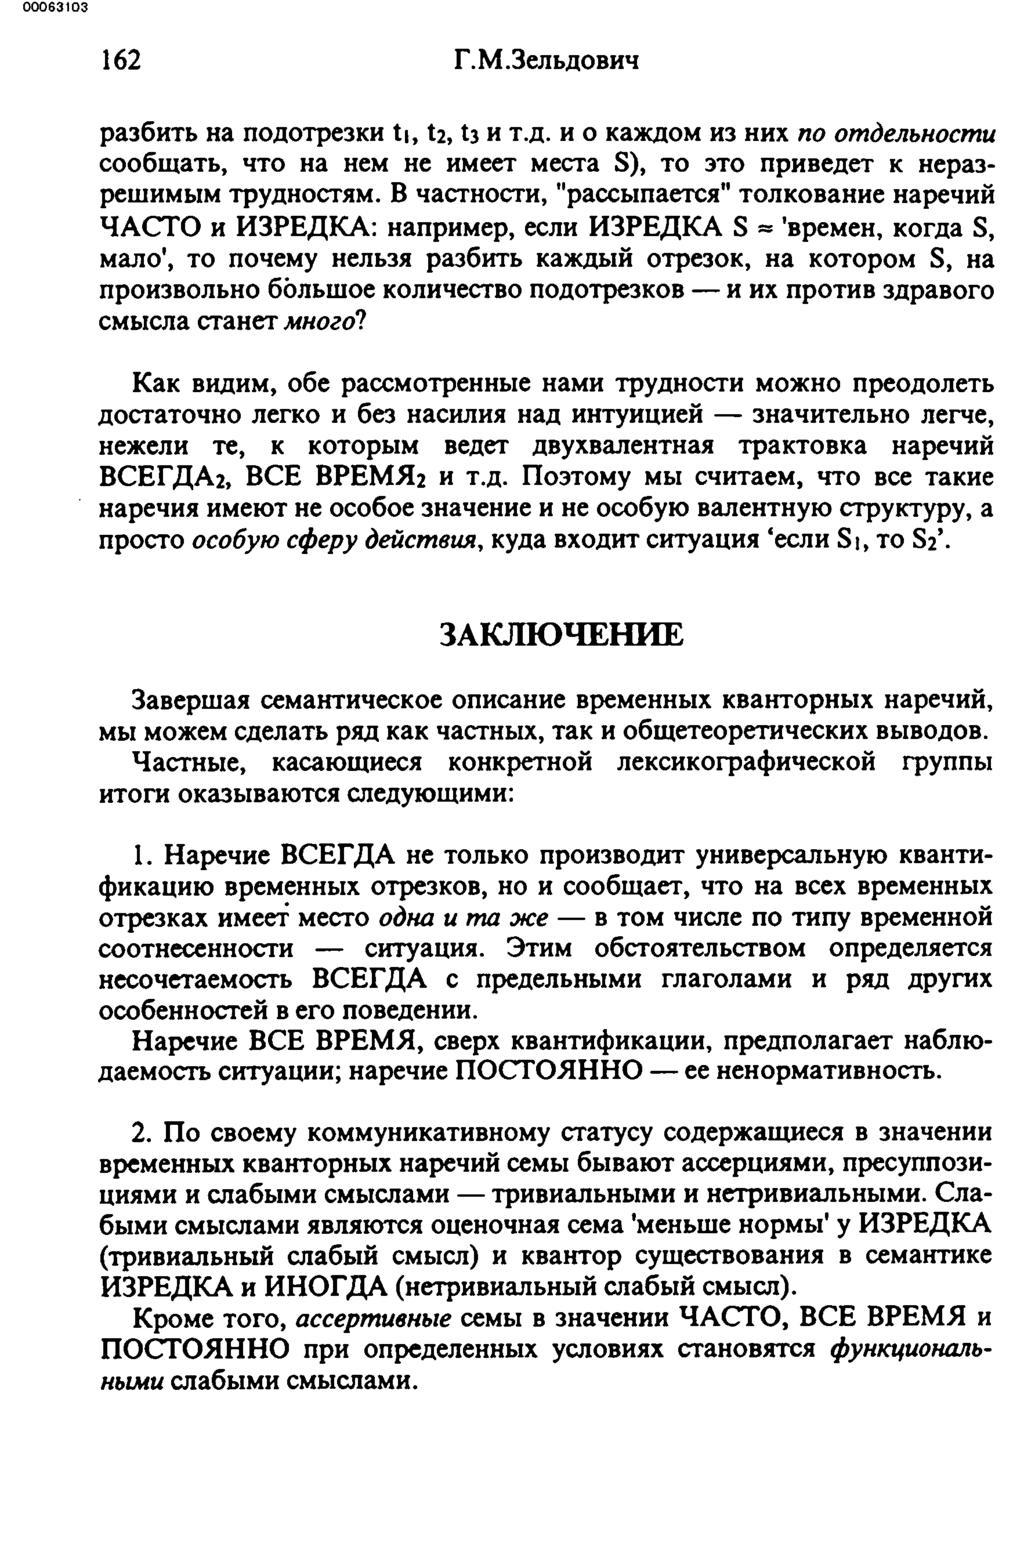 Почему тривиальный  —  это плохо, а нетривиальный —  это хорошо | ktonanovenkogo.ru